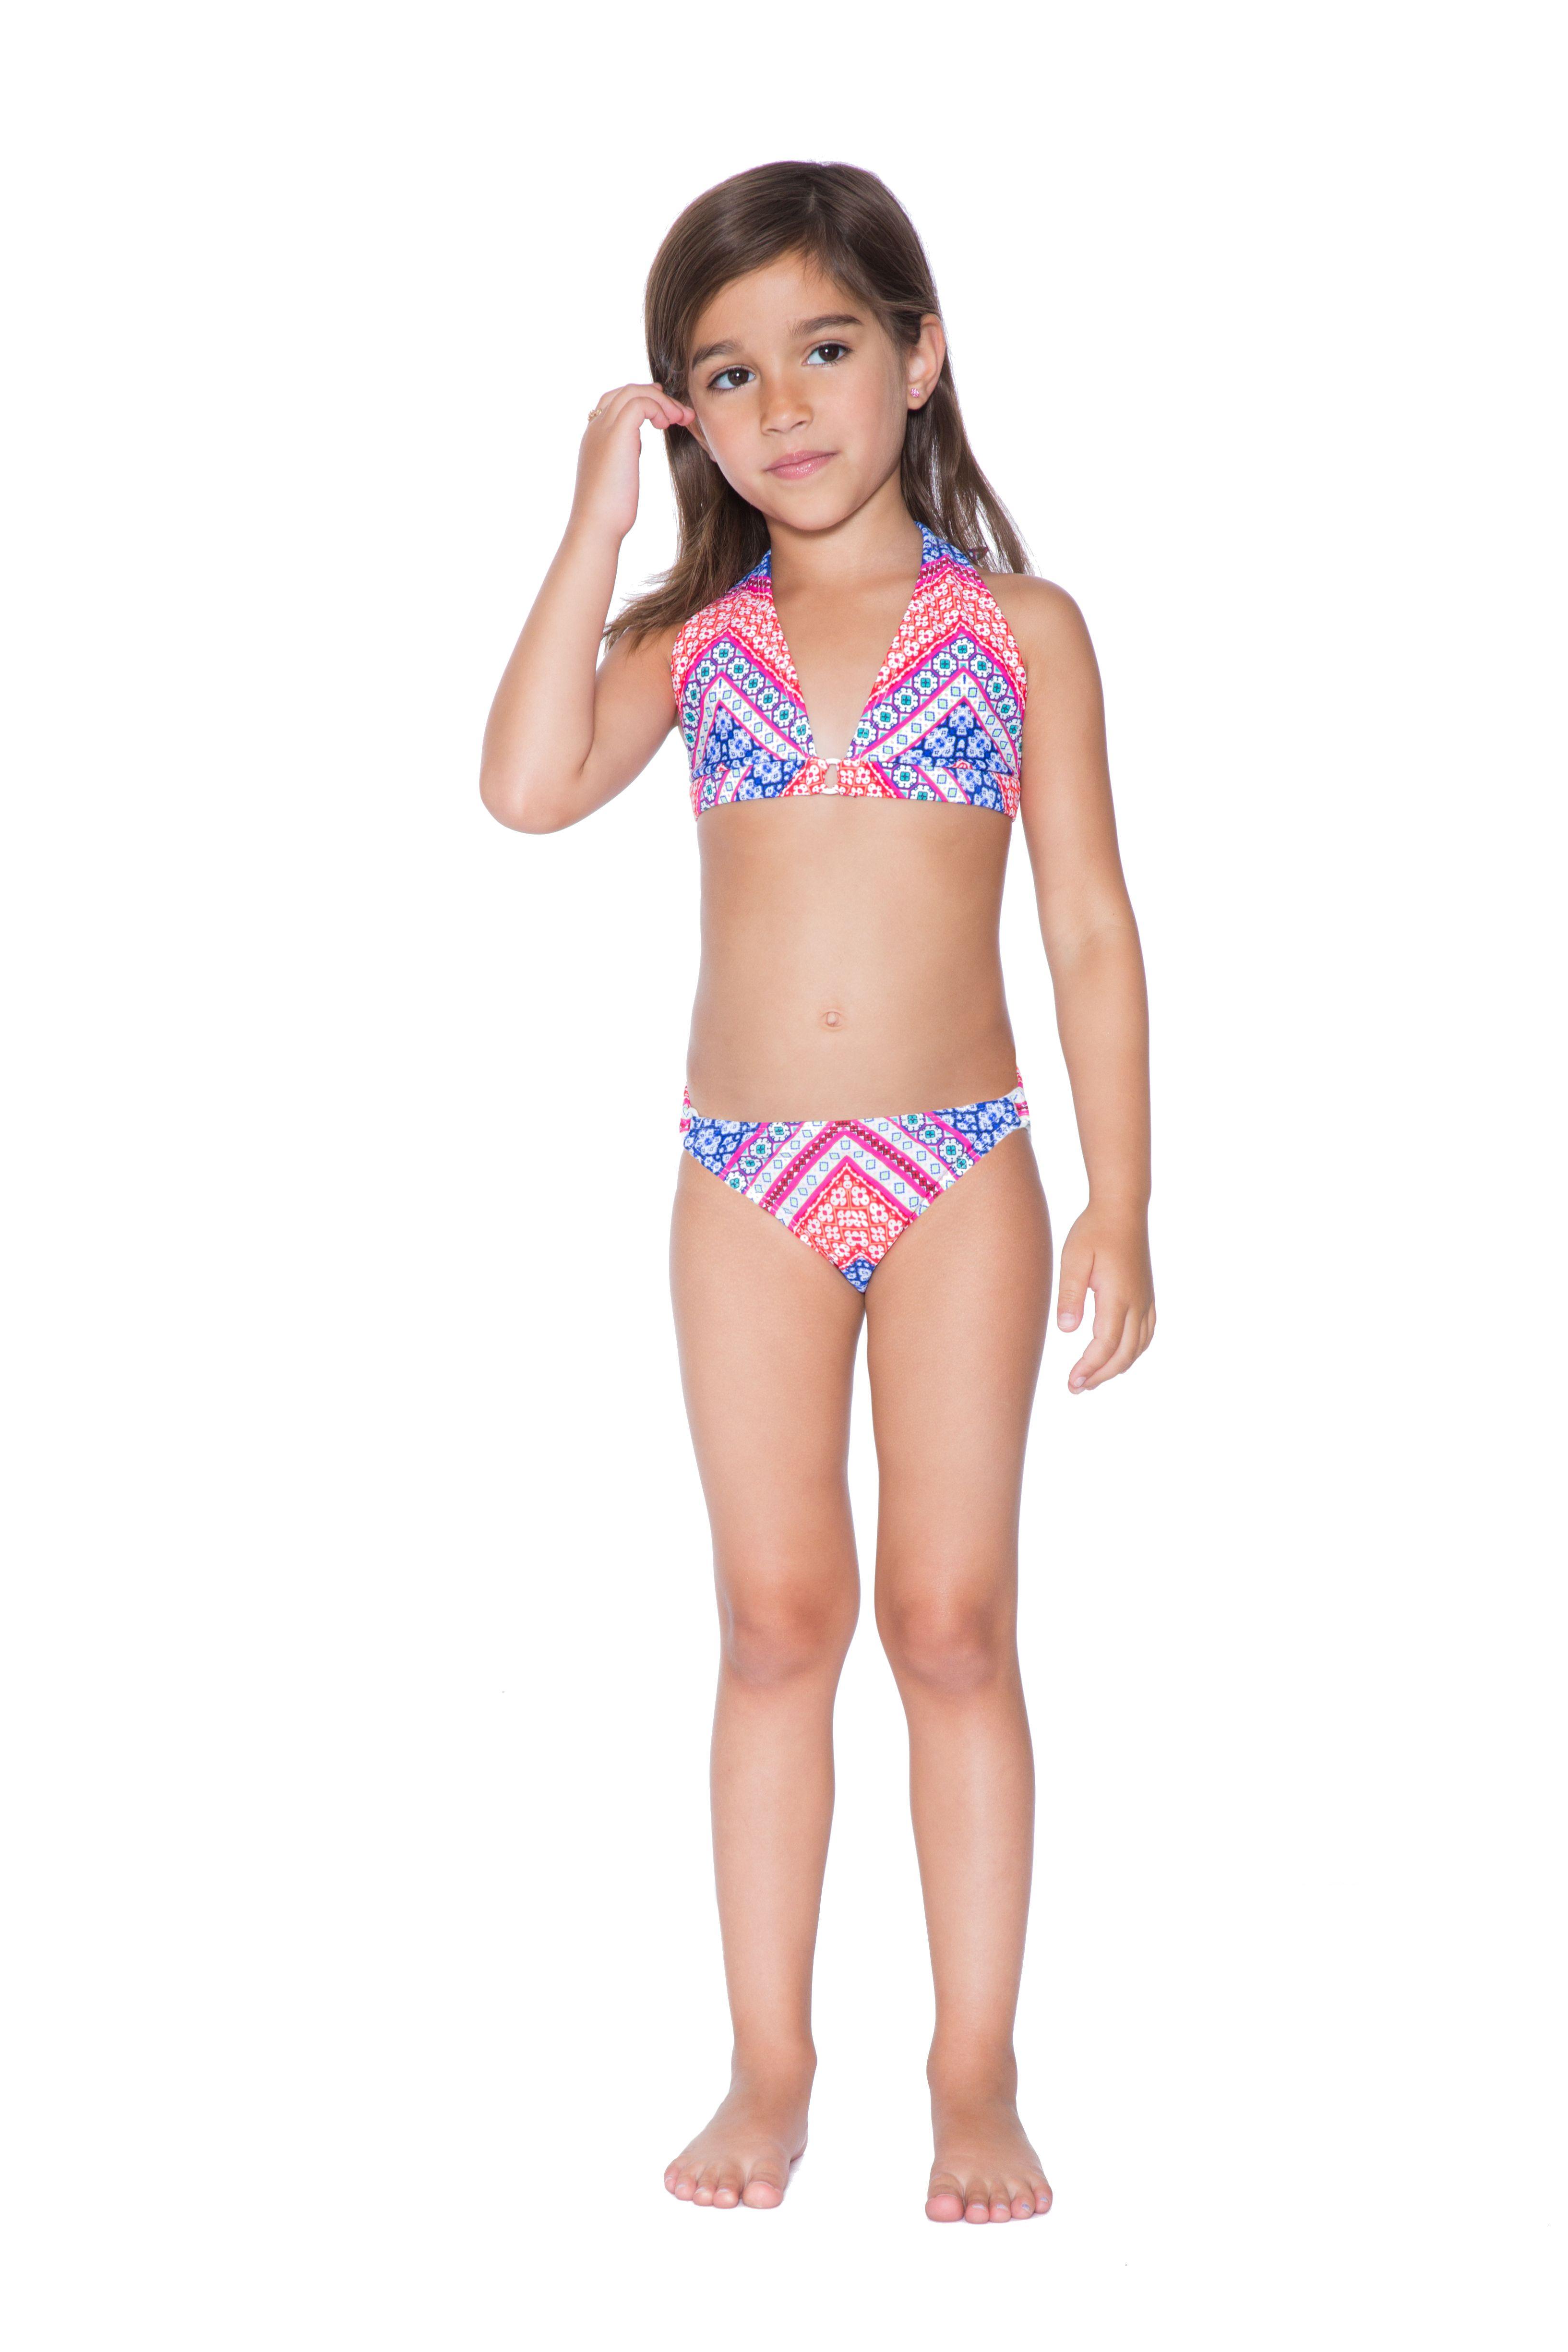 girls tan bikini lines nude naked